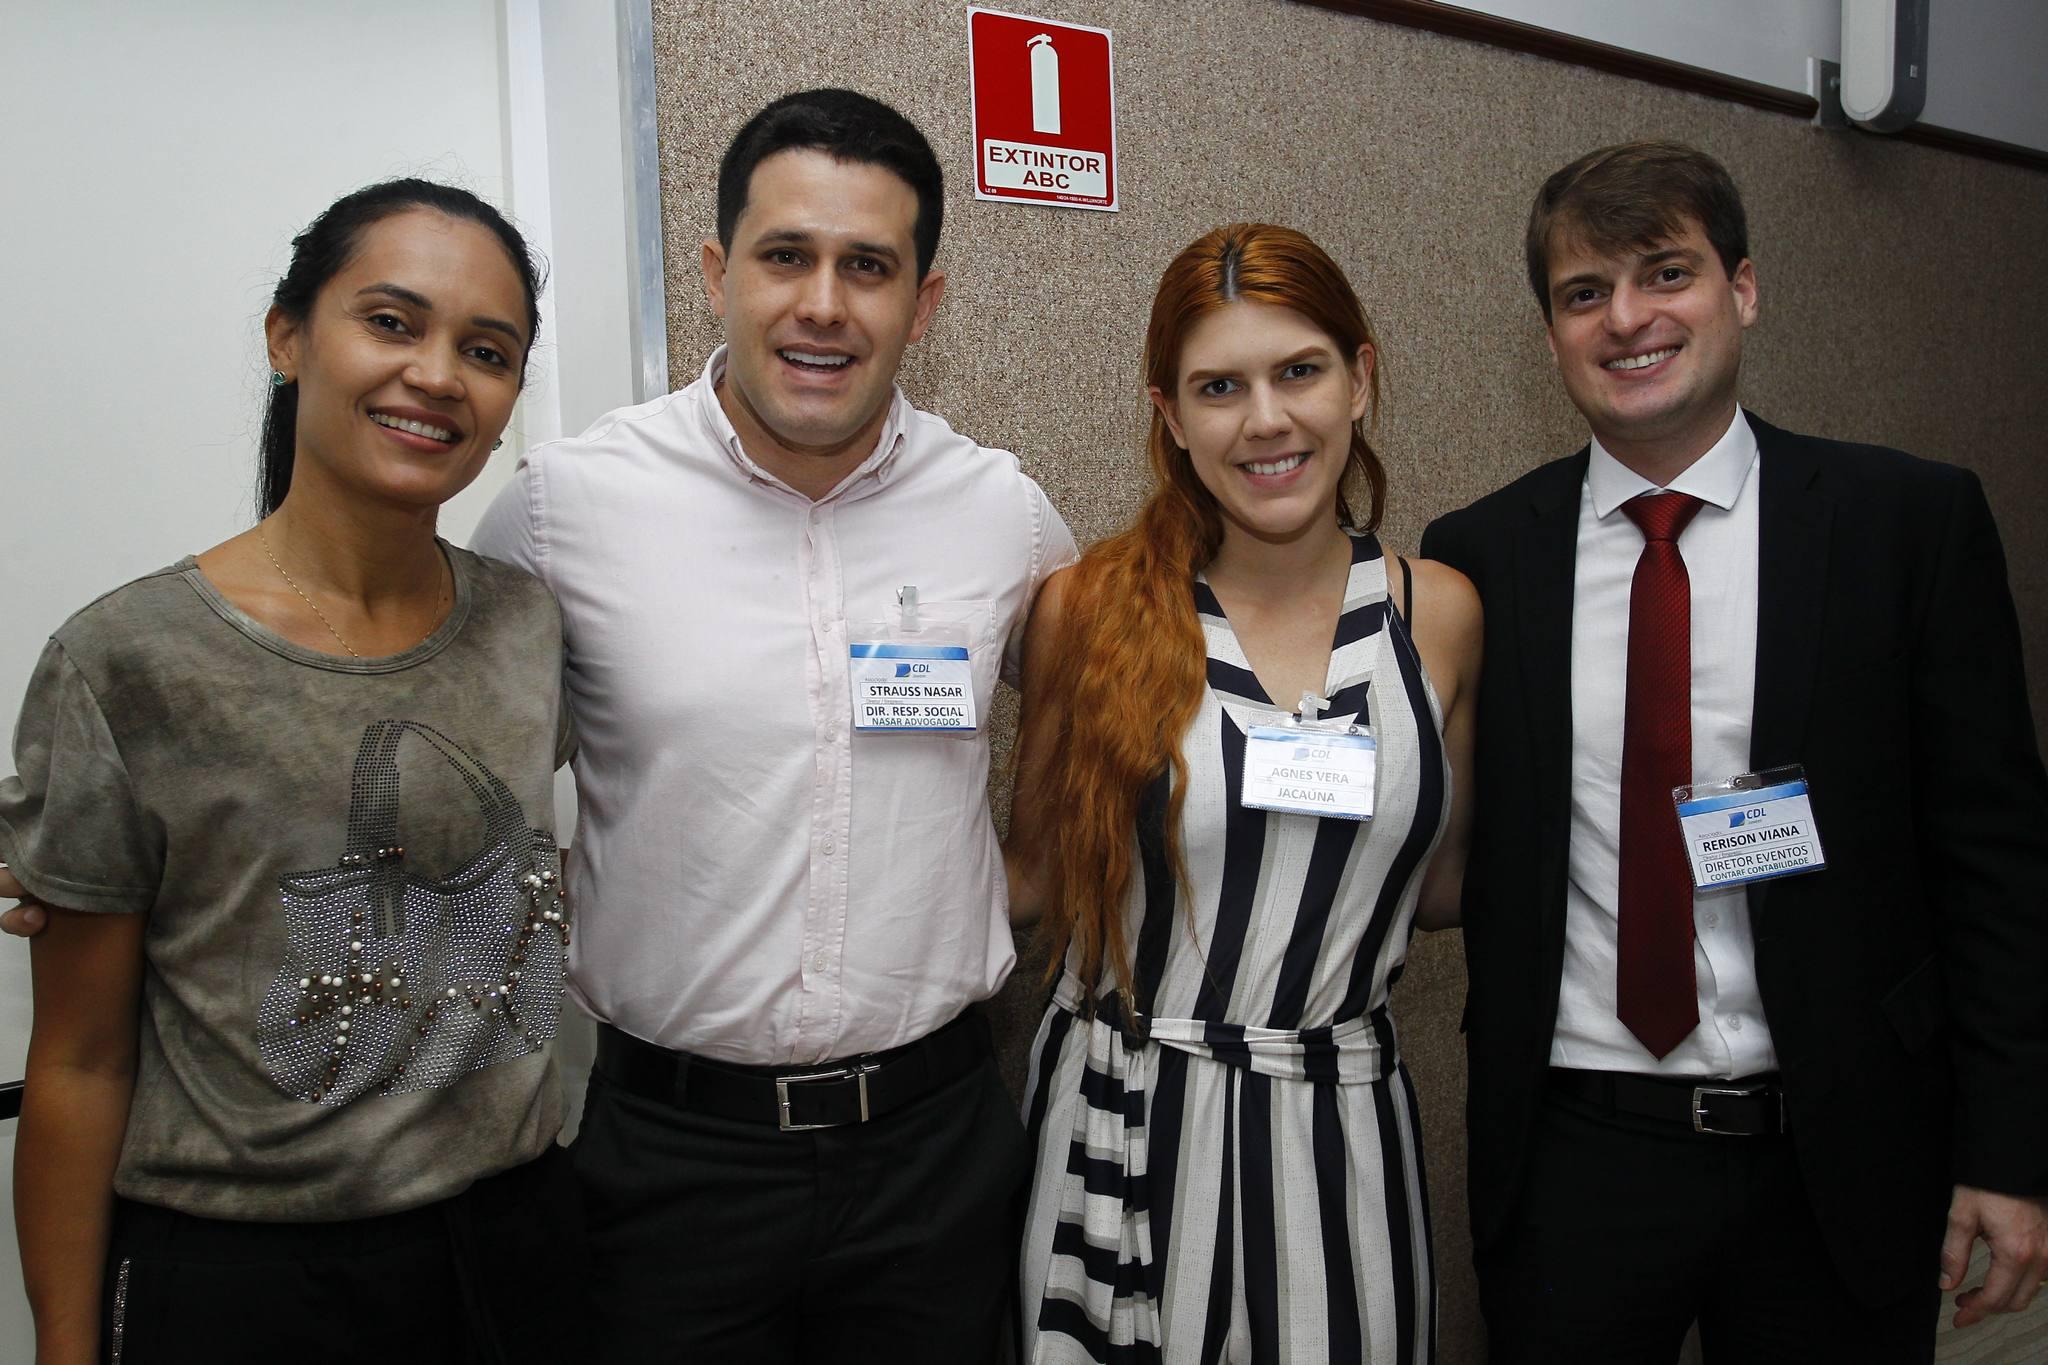 Patricia Gomes, Straus Nasar, Agnes Vera E Rerisson Viana